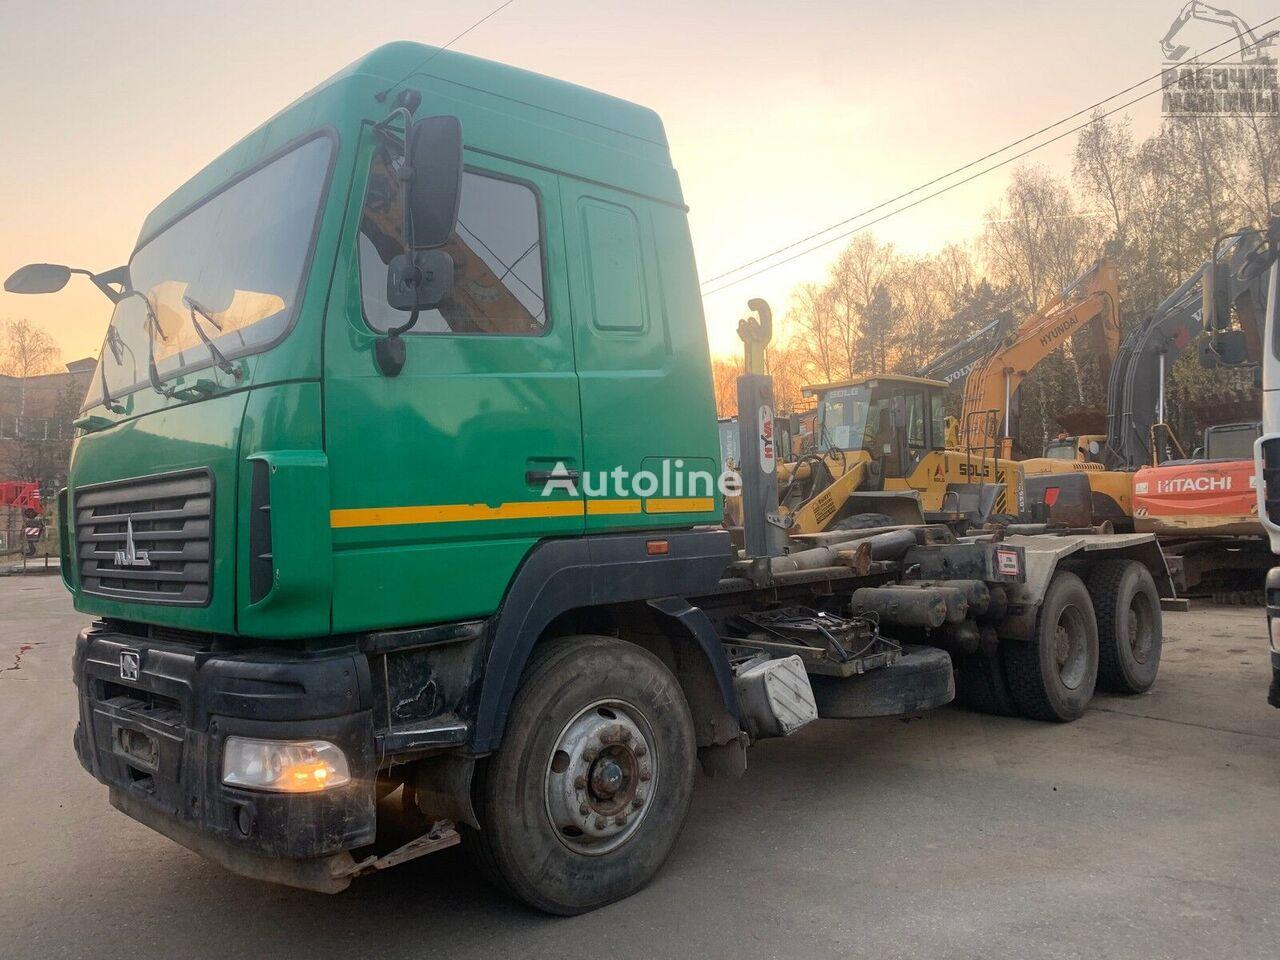 MAZ 6312v9 hook lift truck